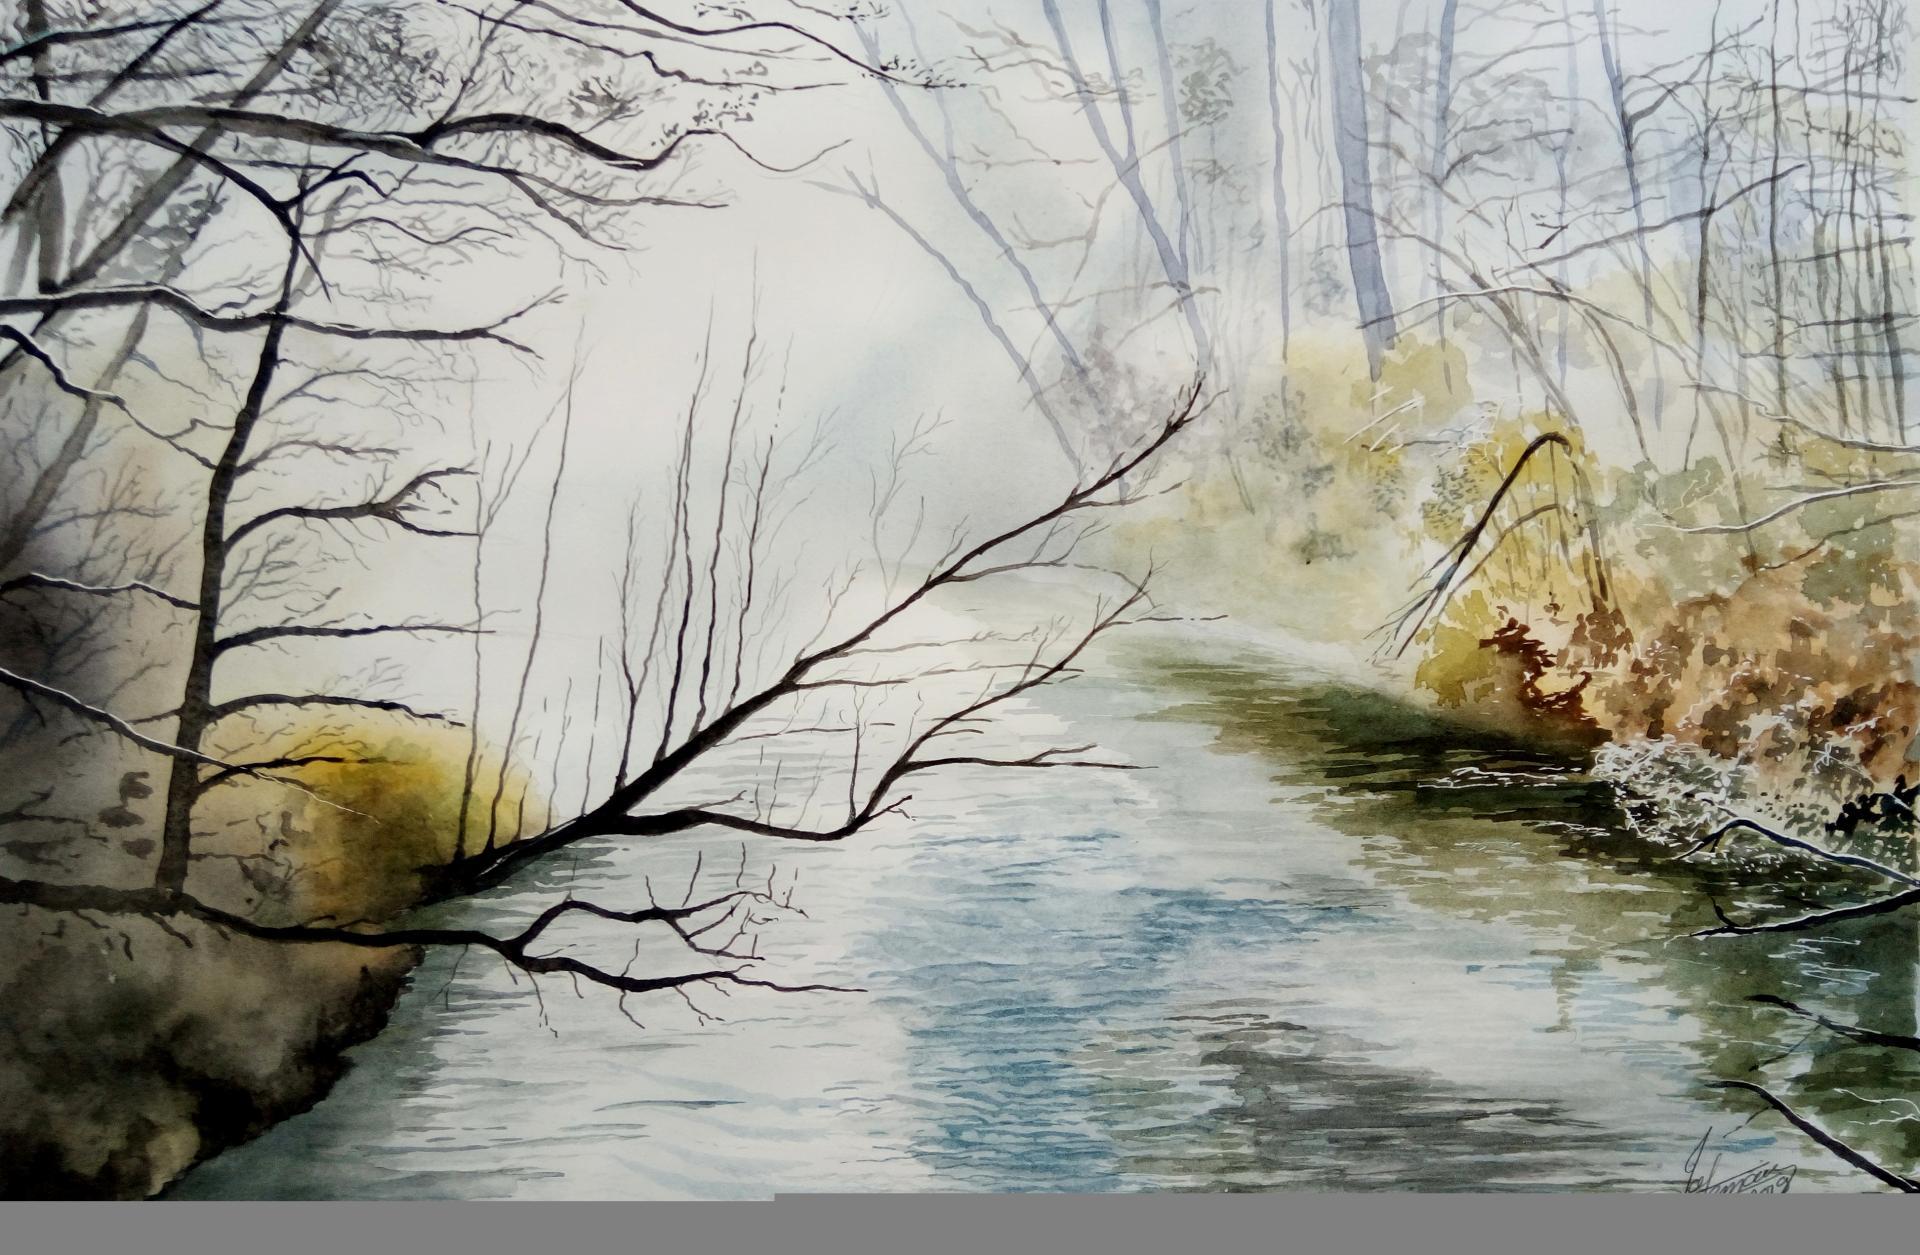 riviere en foret